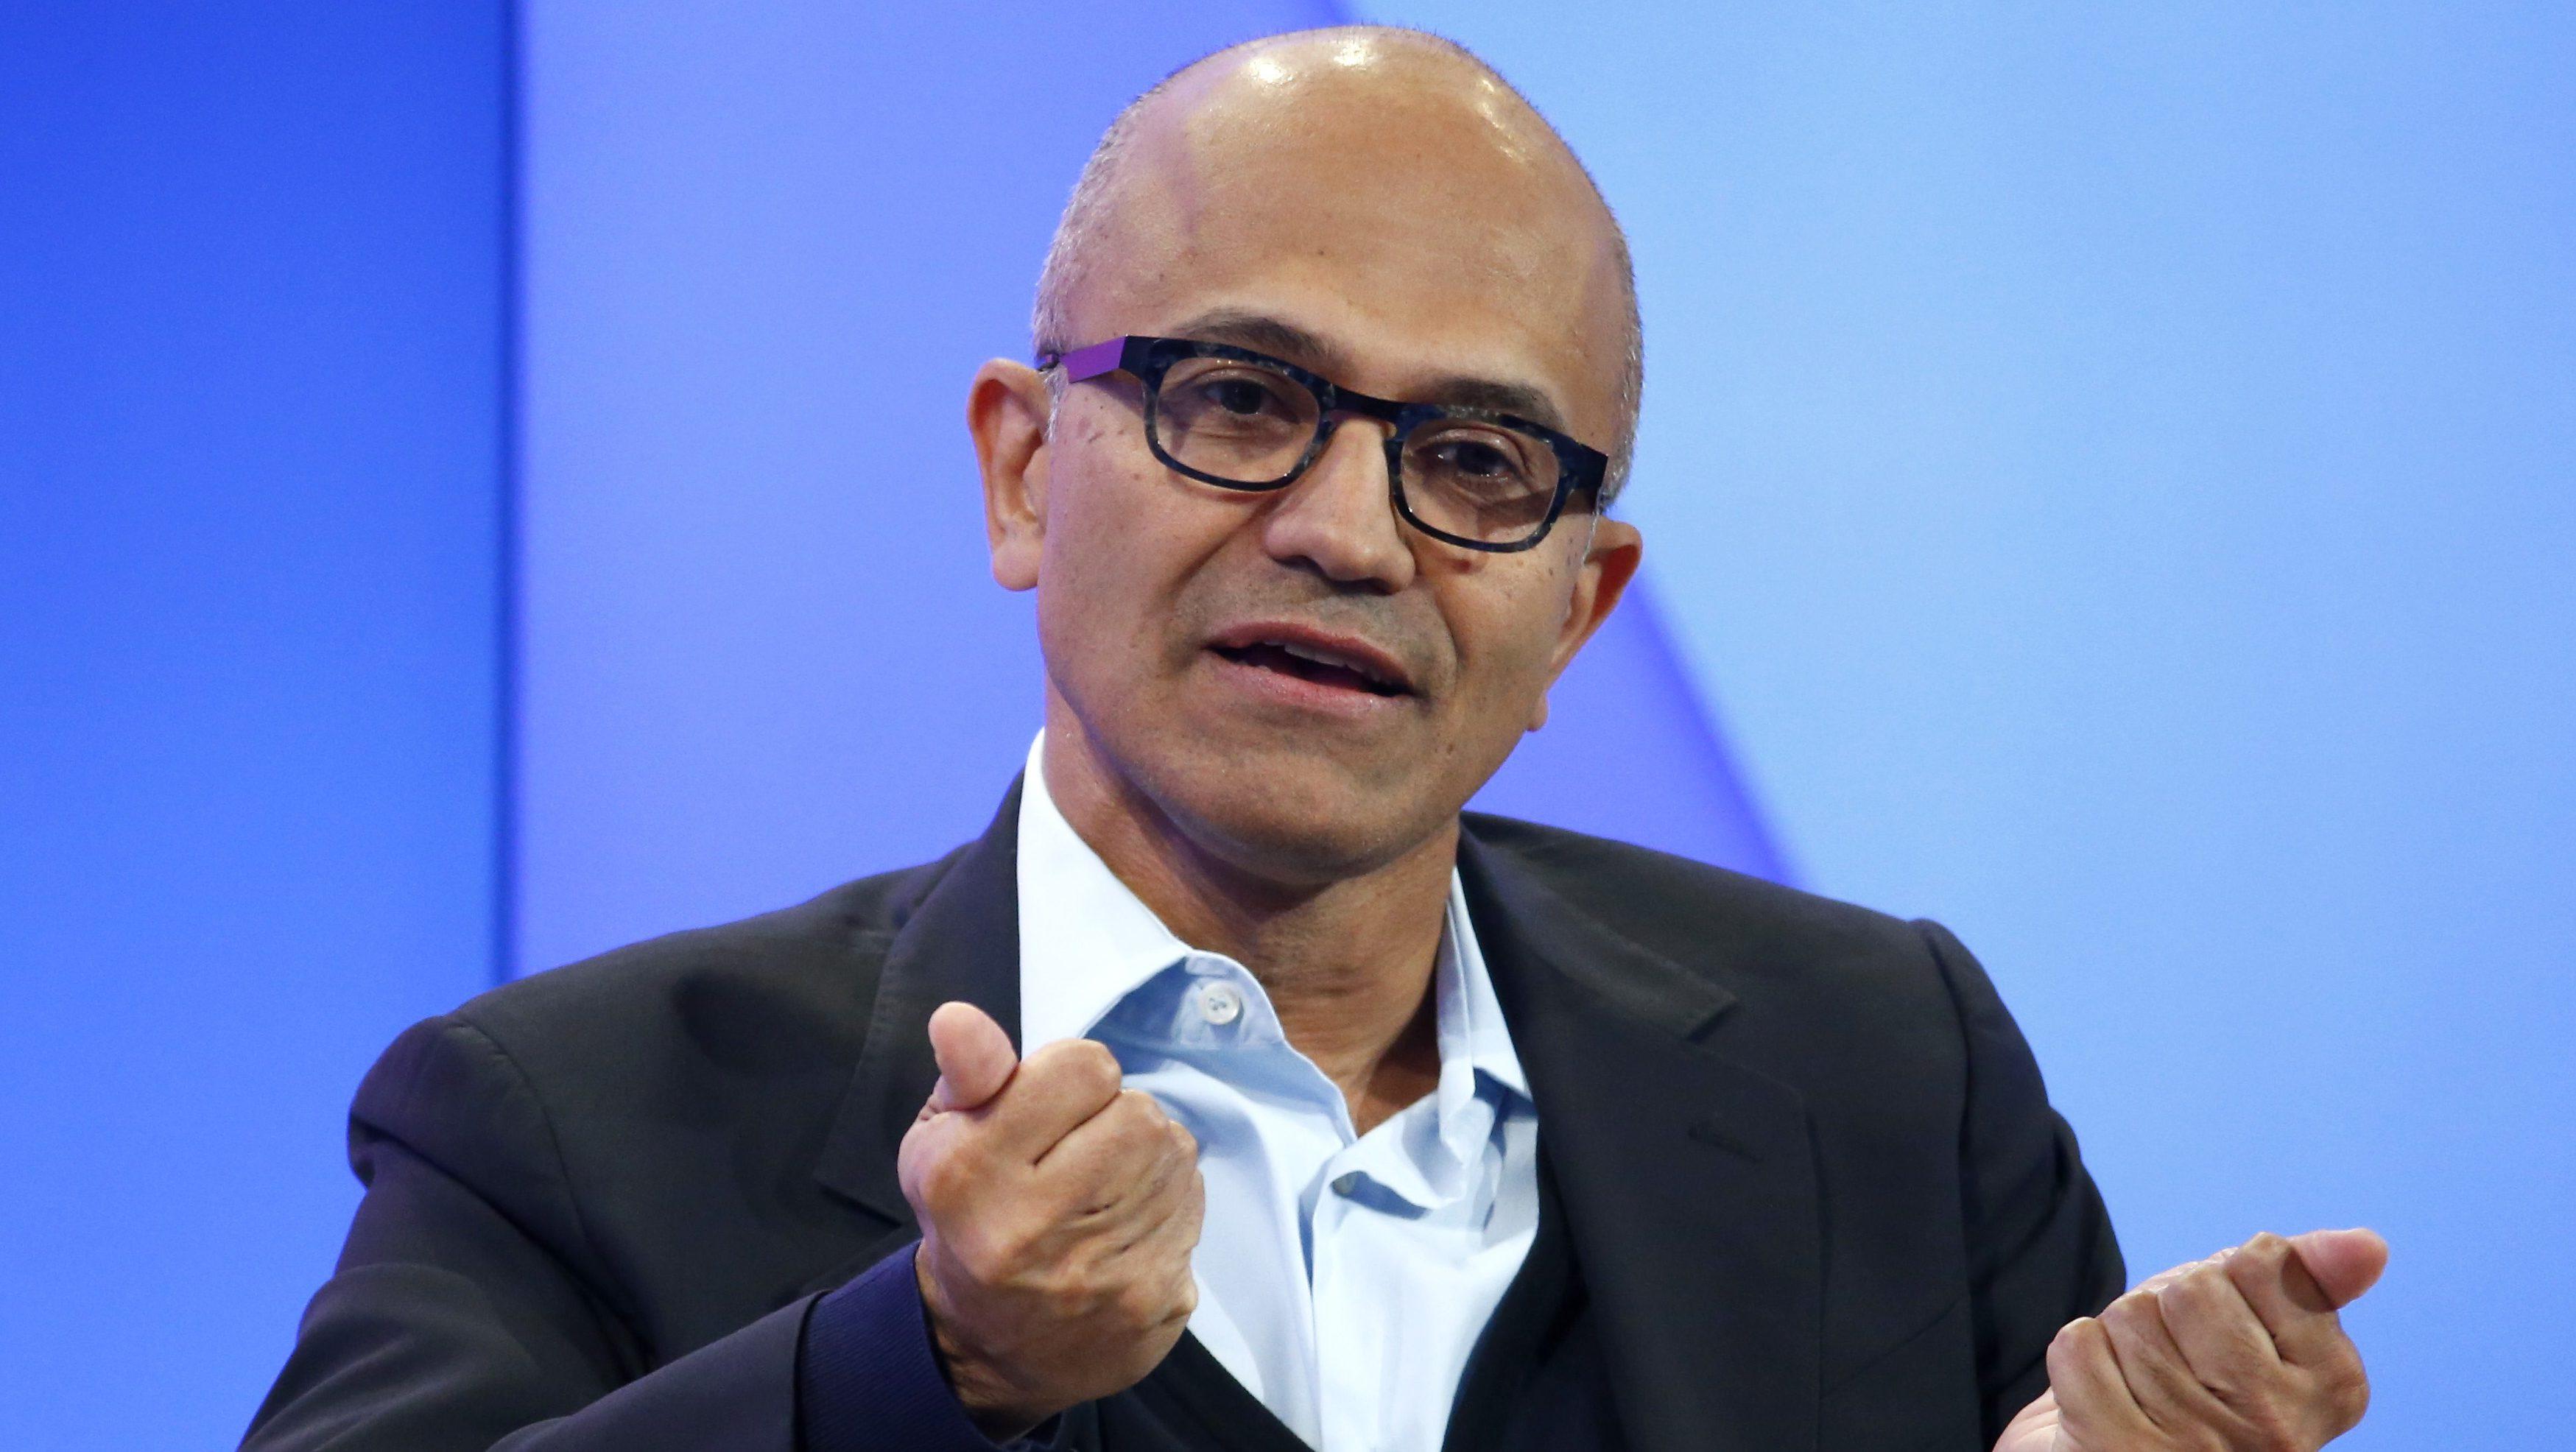 Microsoft CEO Satya Nadella's new book